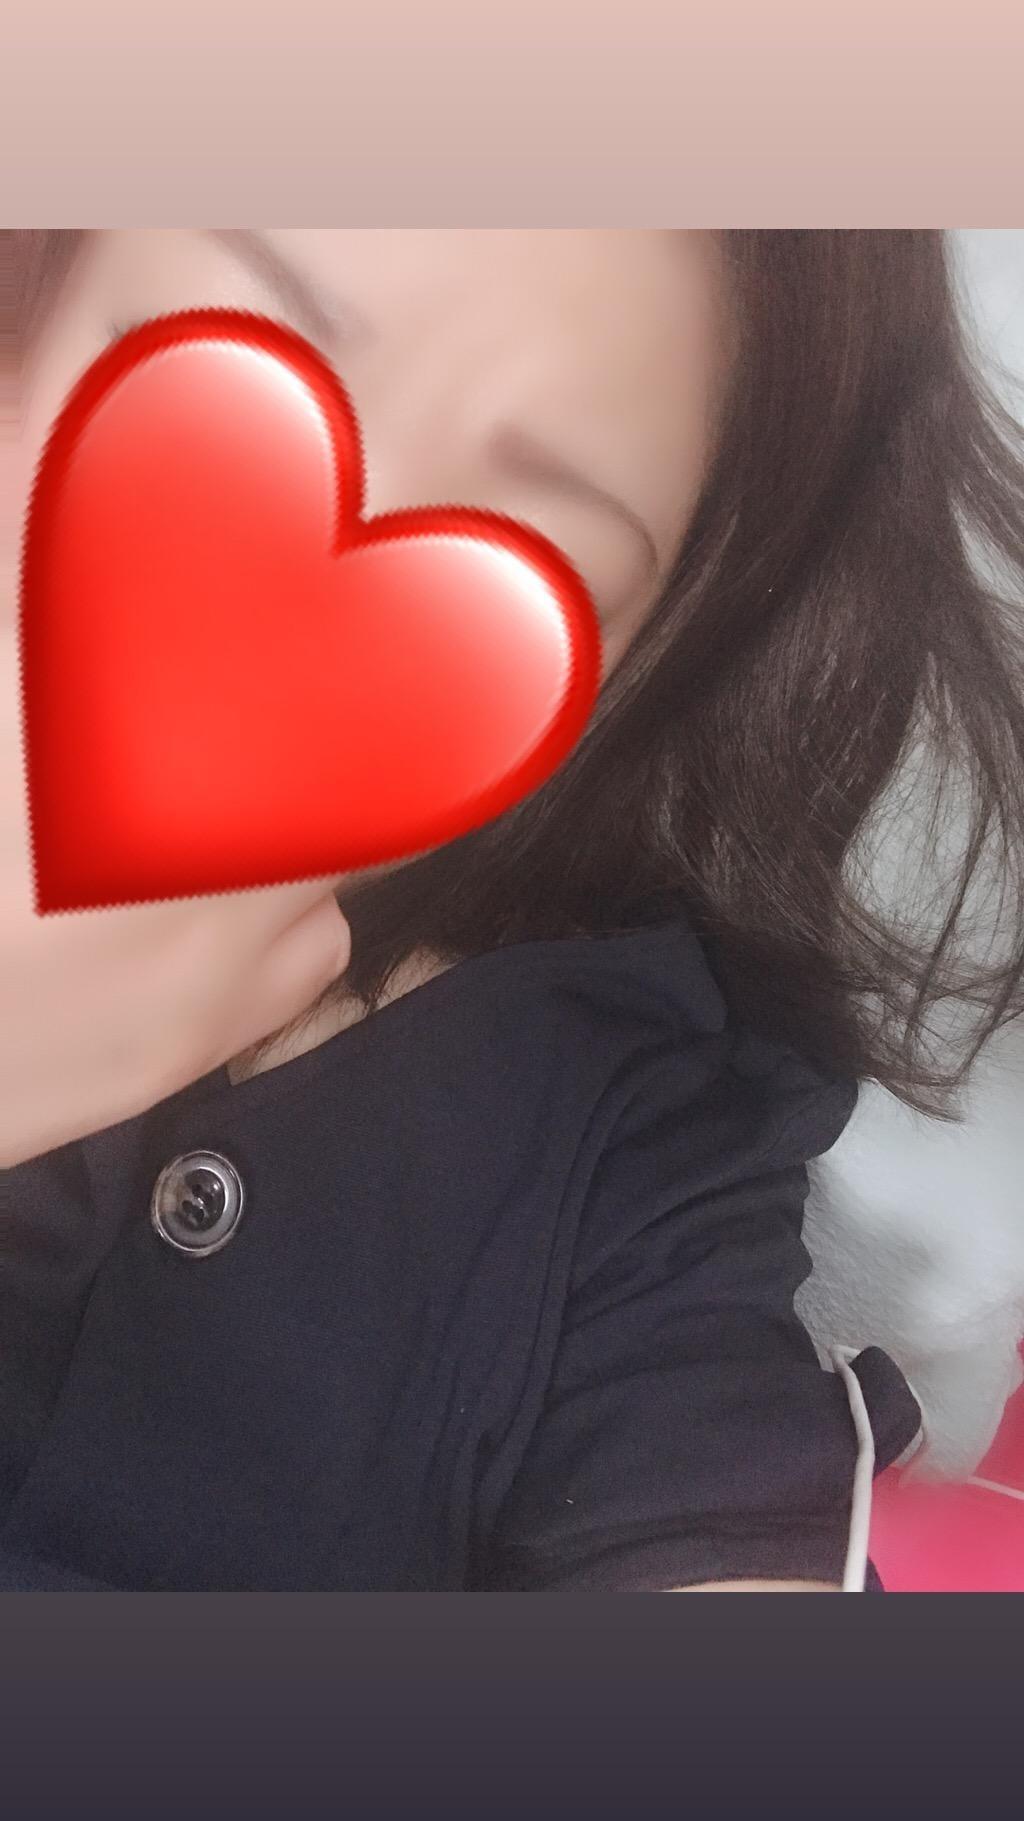 りこ「ありがとう♡」09/18(水) 17:50 | りこの写メ・風俗動画